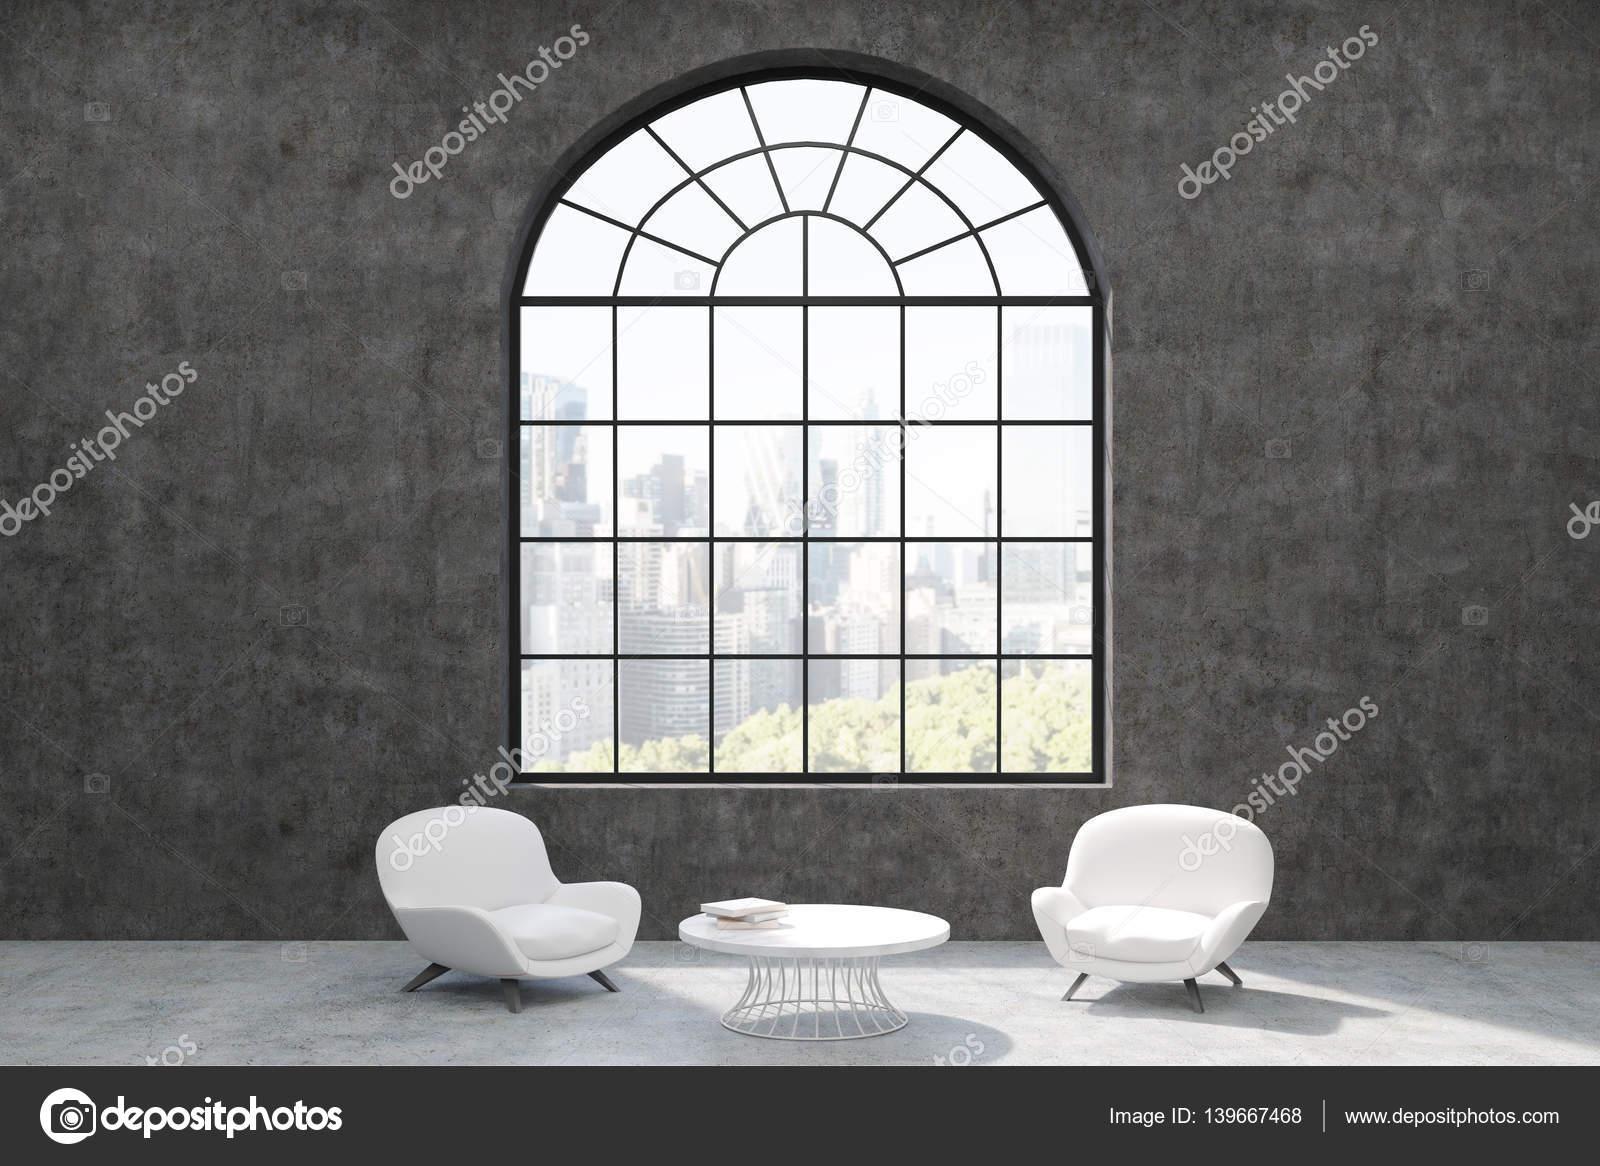 Minimalistisch Wohnzimmer Interieur mit Betonwänden, förmigen Bogen ...